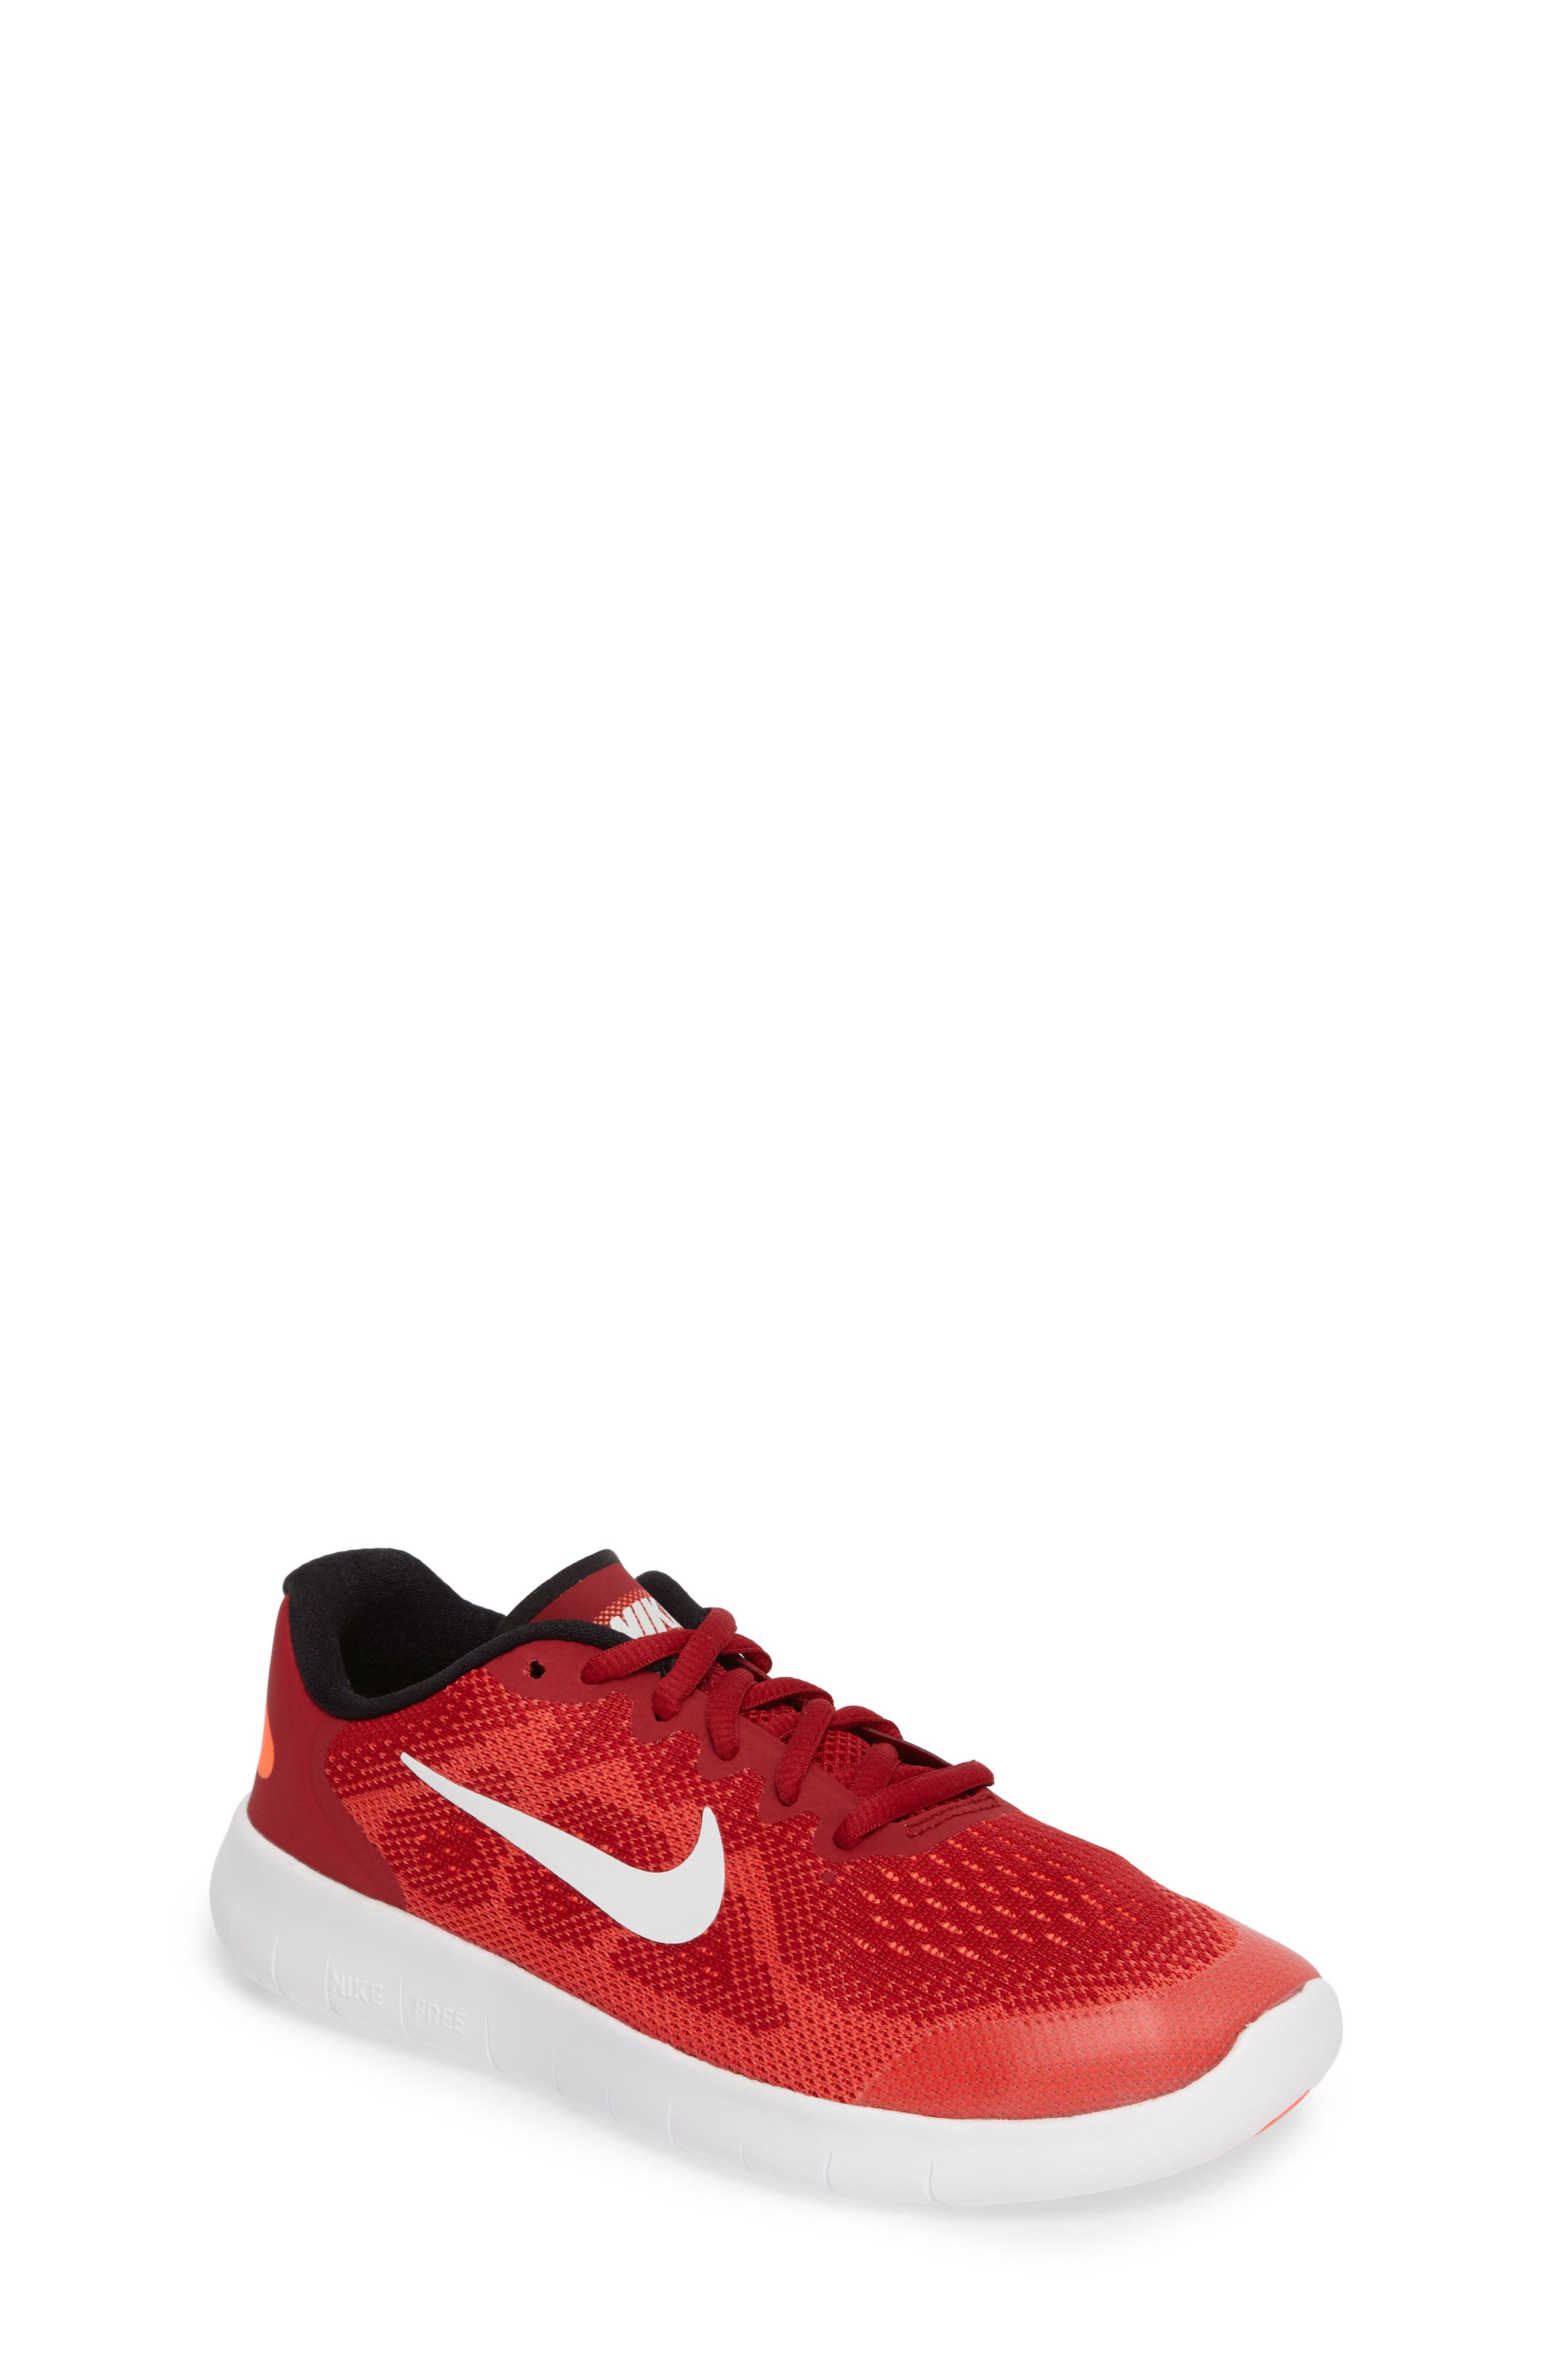 Alternate Image 1 Selected - Nike Free RN Running Shoe (Toddler, Little Kid & Big Kid)